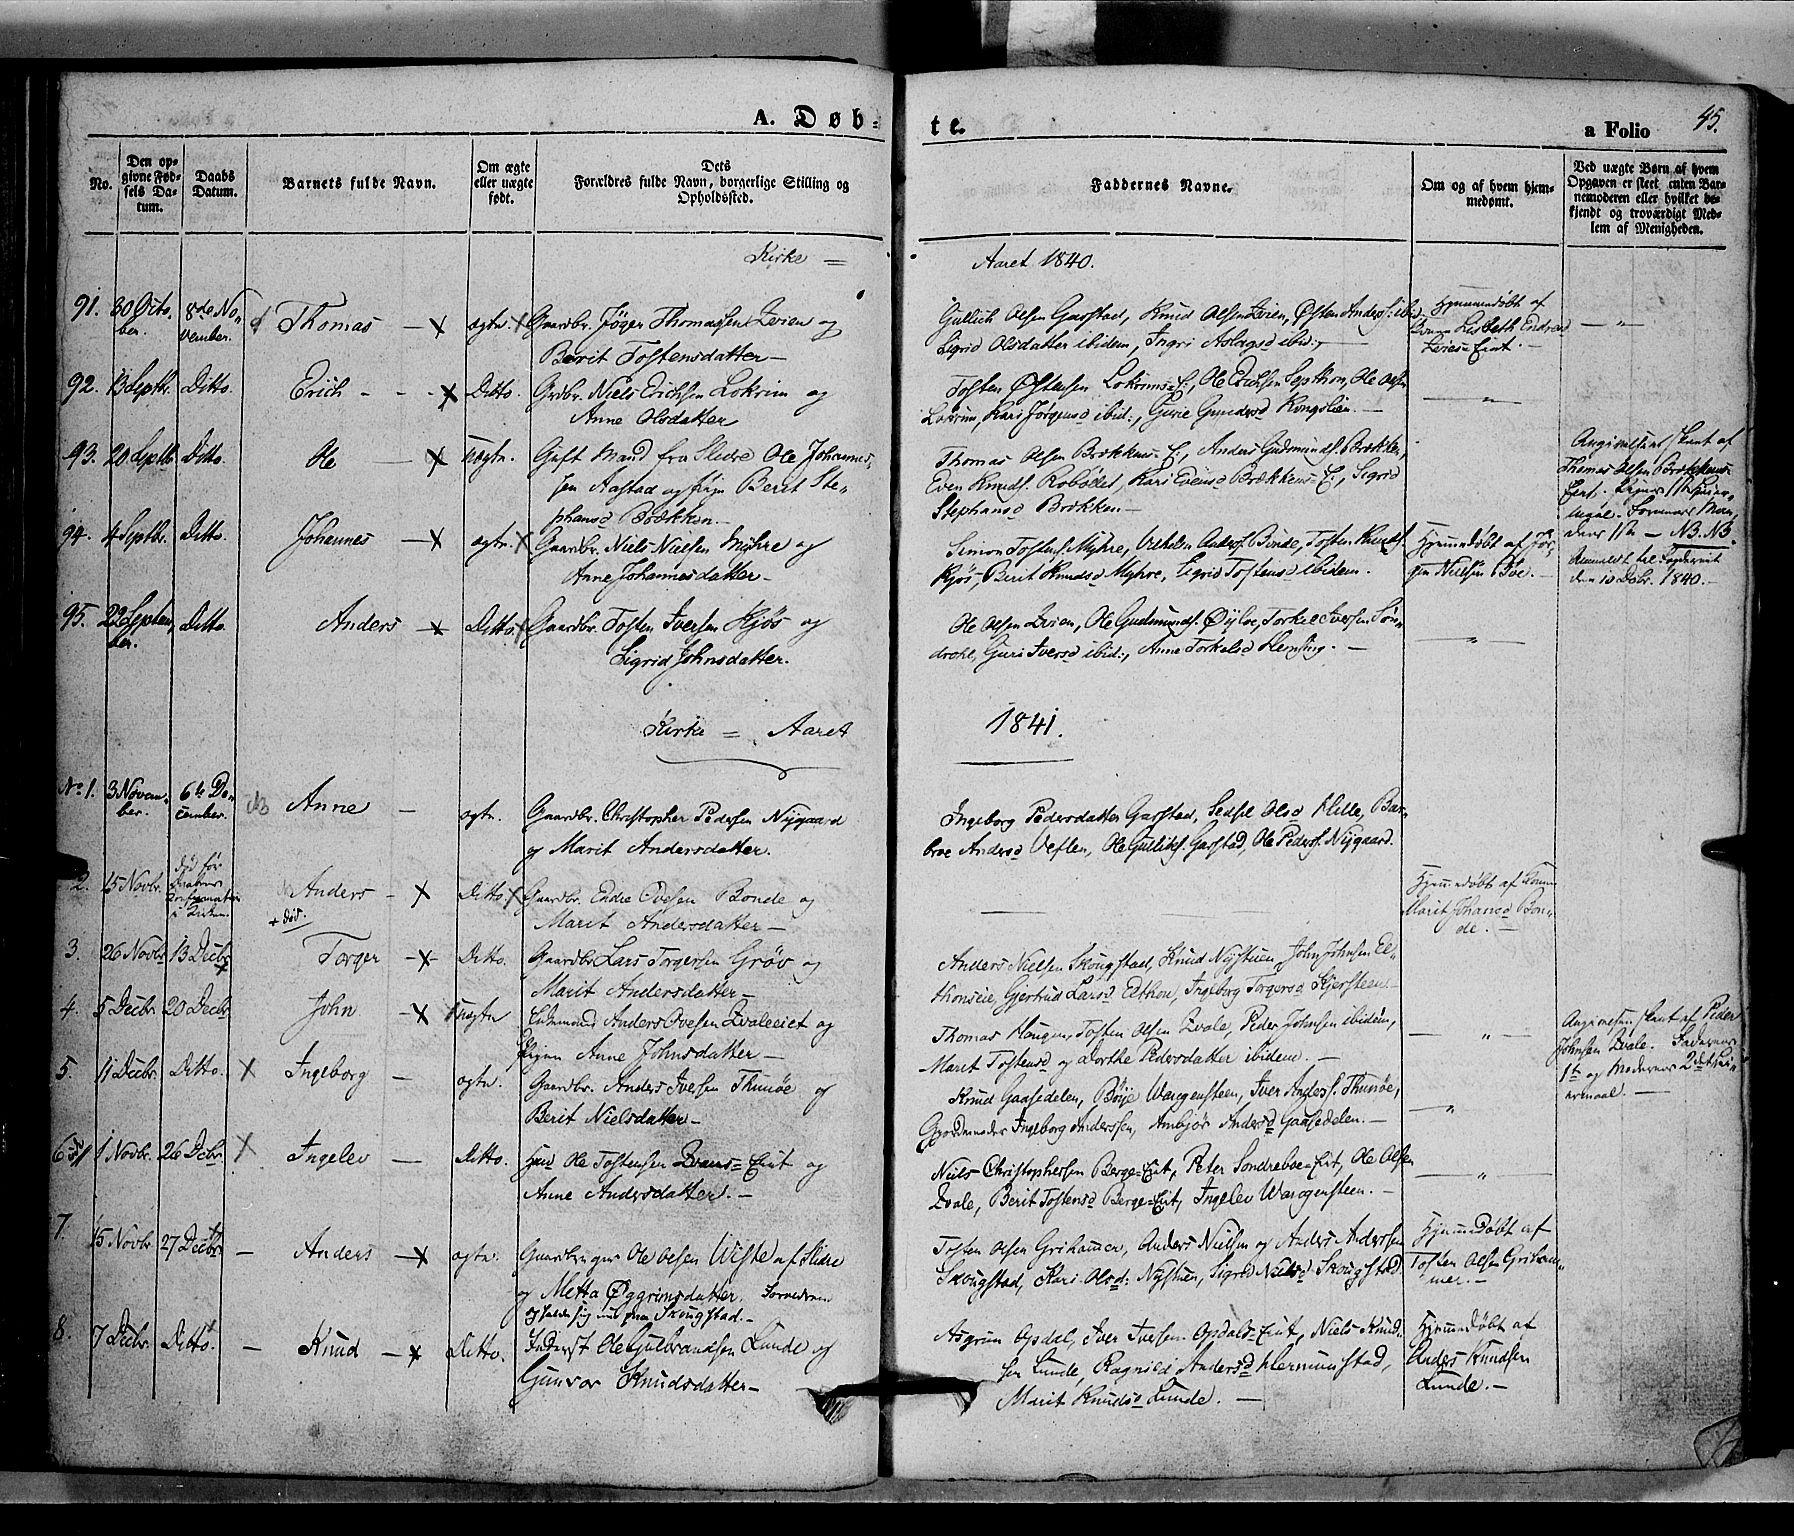 SAH, Vang prestekontor, Valdres, Ministerialbok nr. 5, 1831-1845, s. 45